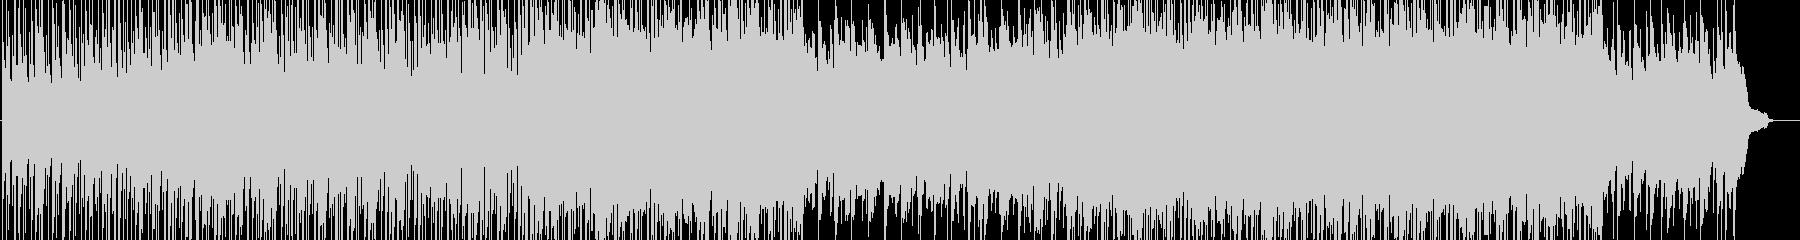 明るく活動的なイメージのBGMの未再生の波形